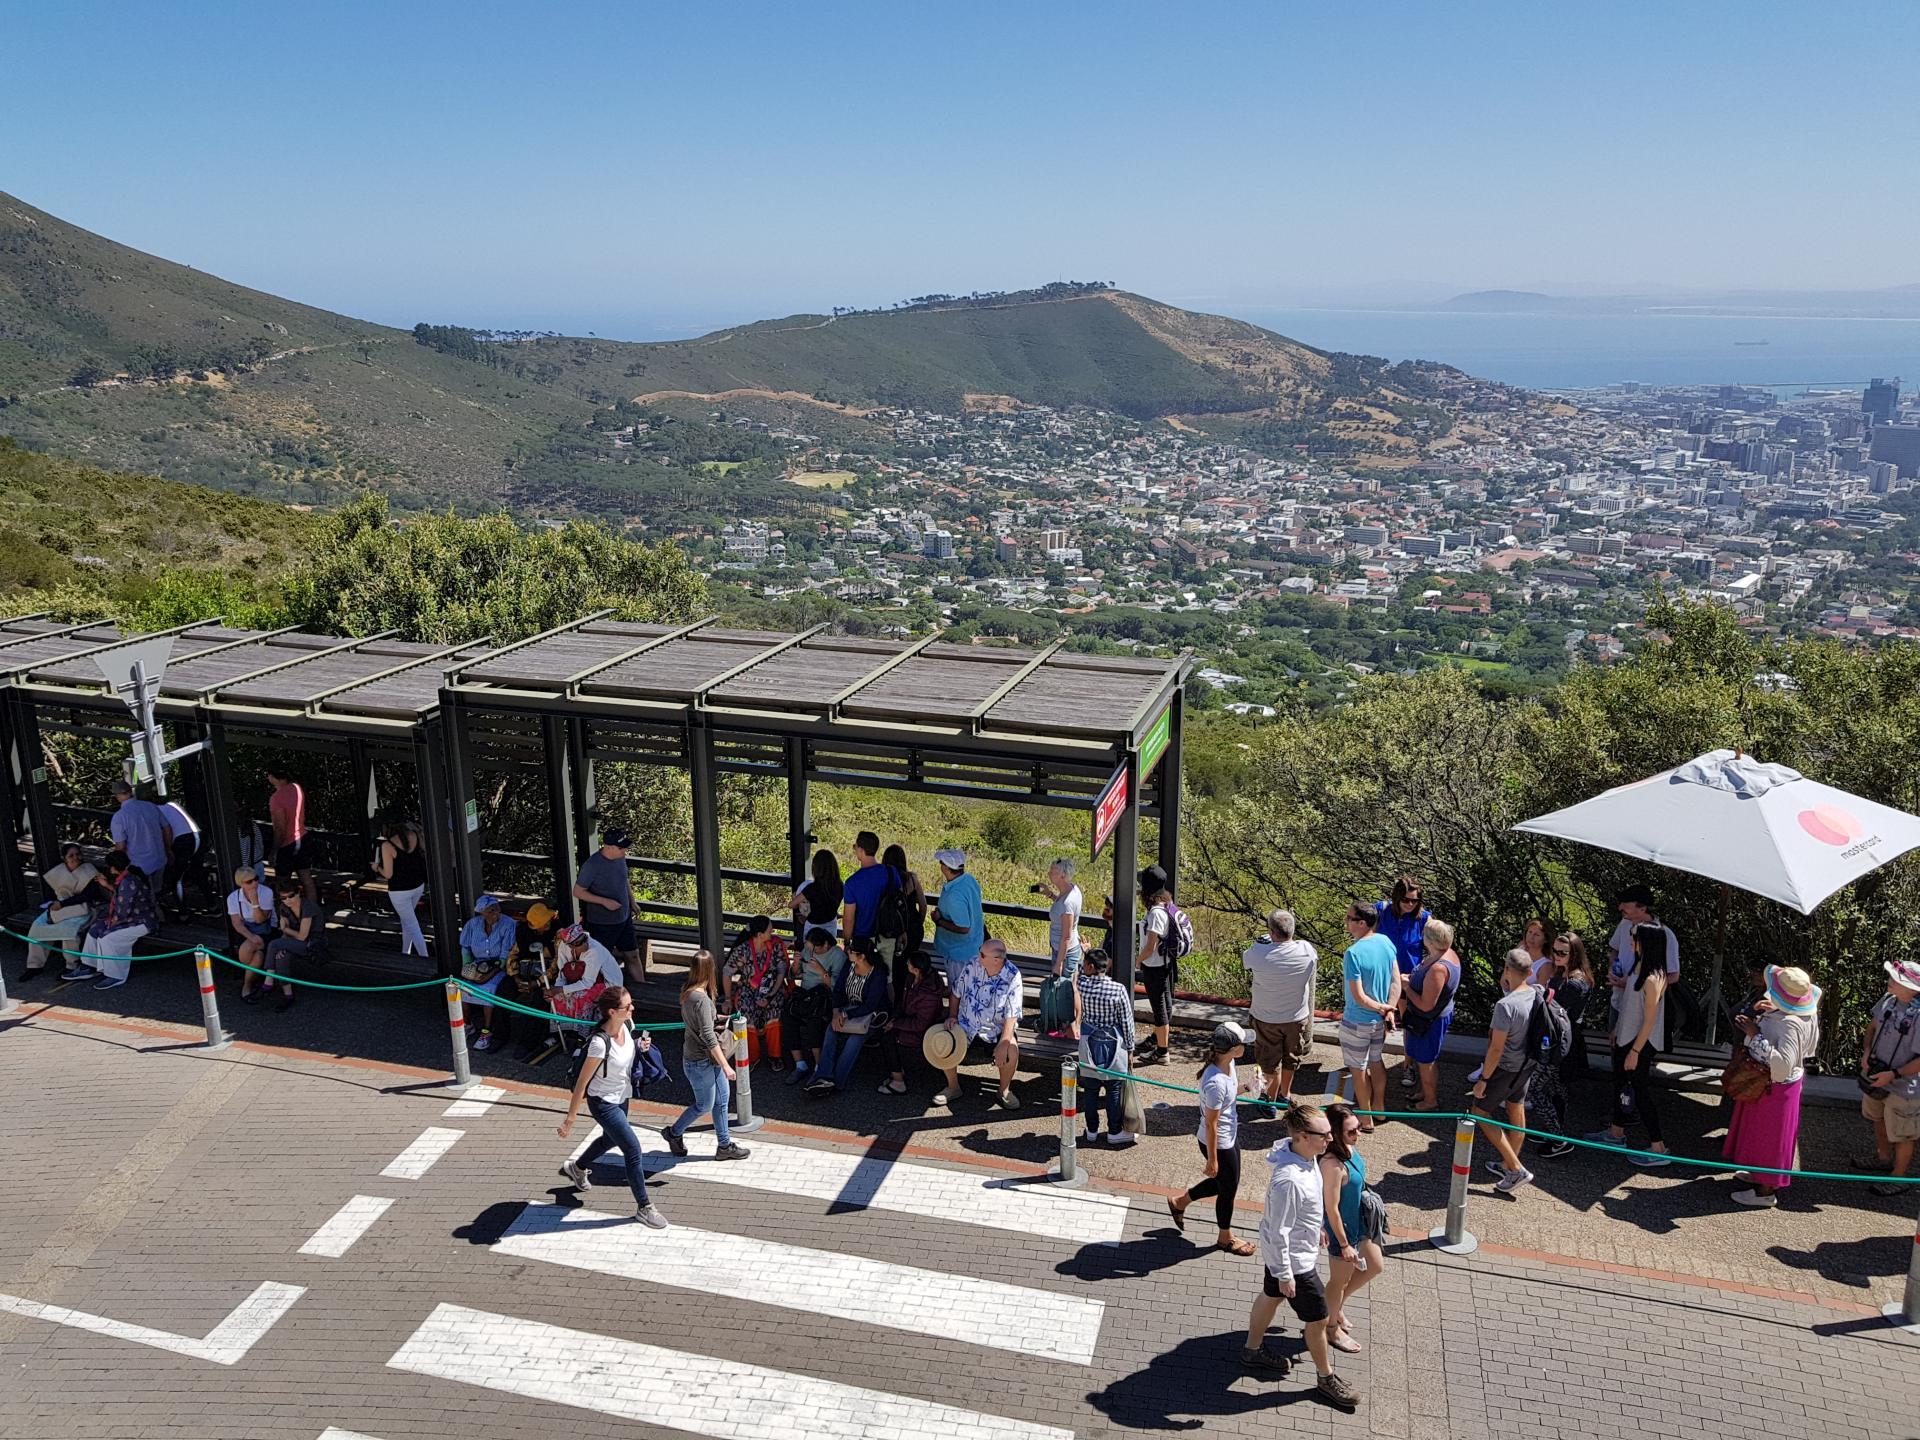 очередь к фуникулеру в Кейптауне